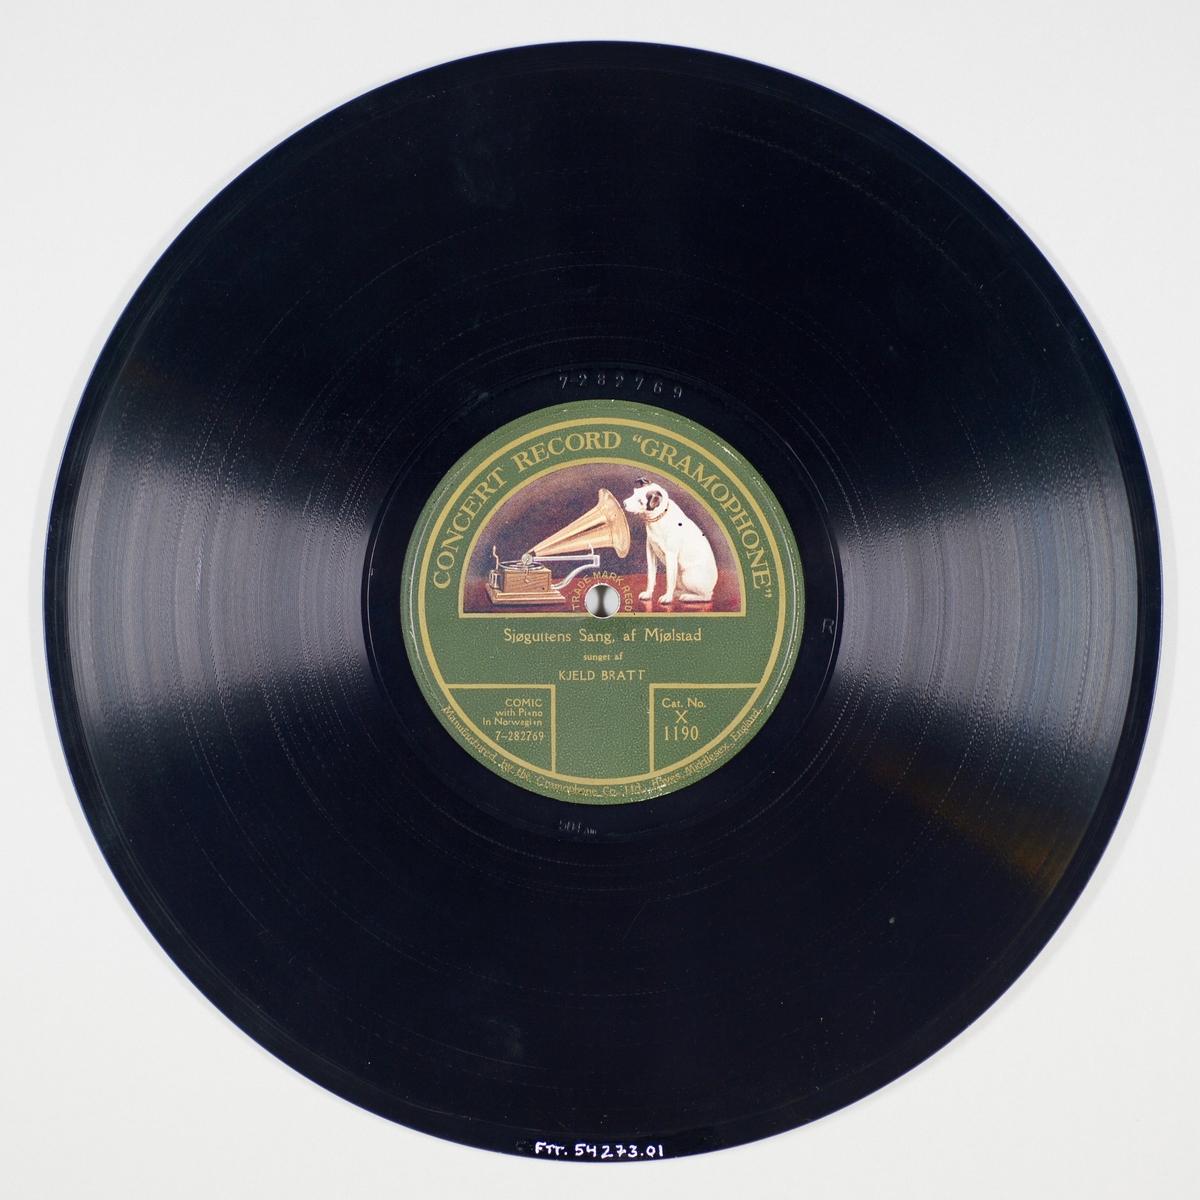 """54273.01: Svart grammofonplate laget av bakelitt og skjellak. Etiketten er grønn med skrift i gull, for tekst se """"Påført tekst/merker"""". På etiketten er det en hund som sitter og lytter til en grammofon. Trykket er i hvitt, grått og ulike nyanser av brunt.   54273.02: Plateomslaget til platen er laget av brunt papir som er limt. For tekst se """"Påført tekst/merker"""". Omslaget har nok opprinnelig tilhørt FTT.54265."""